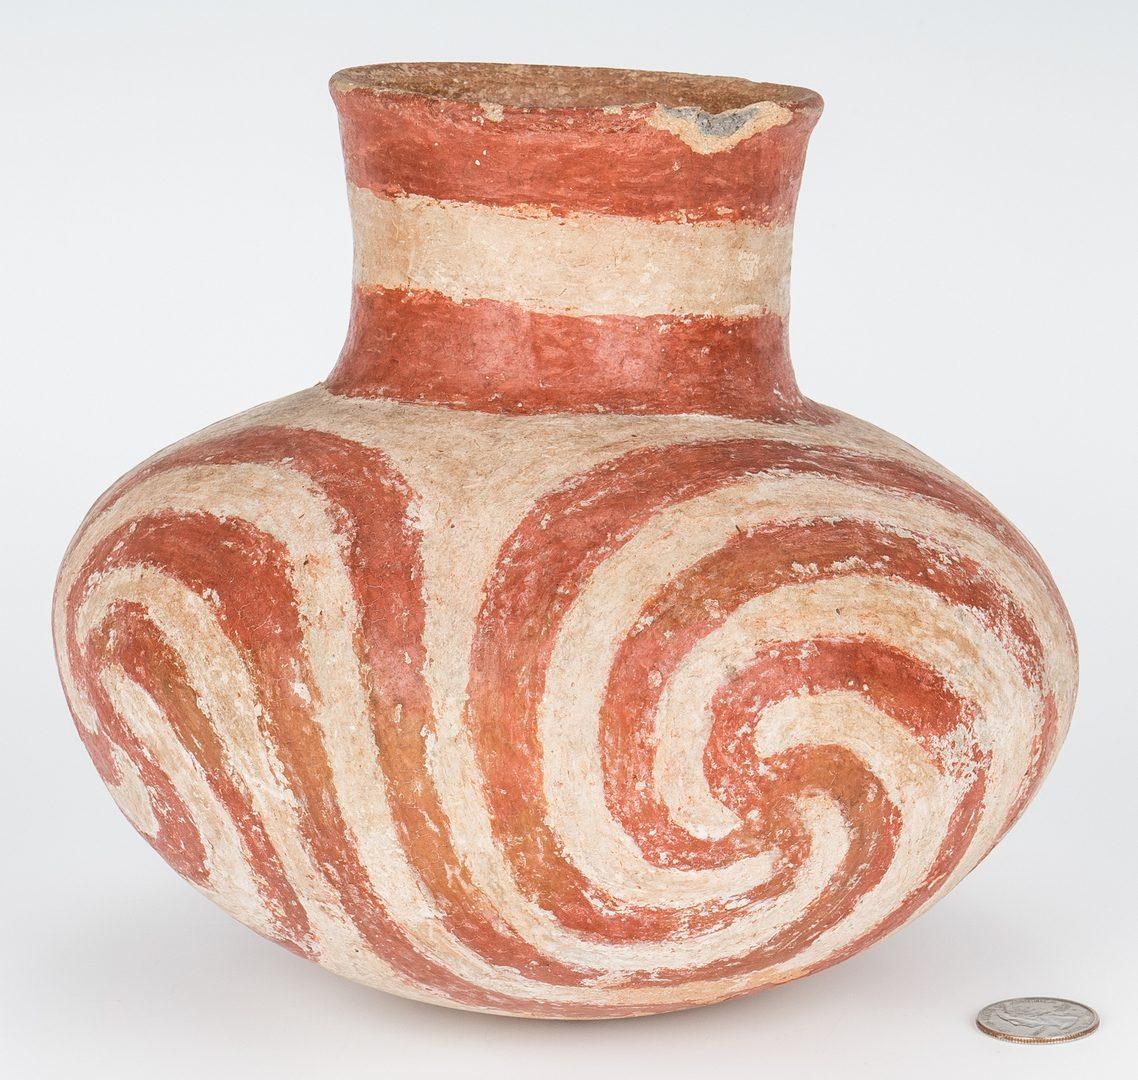 Lot 280: Quapaw Mississippian Culture Polychrome Jar